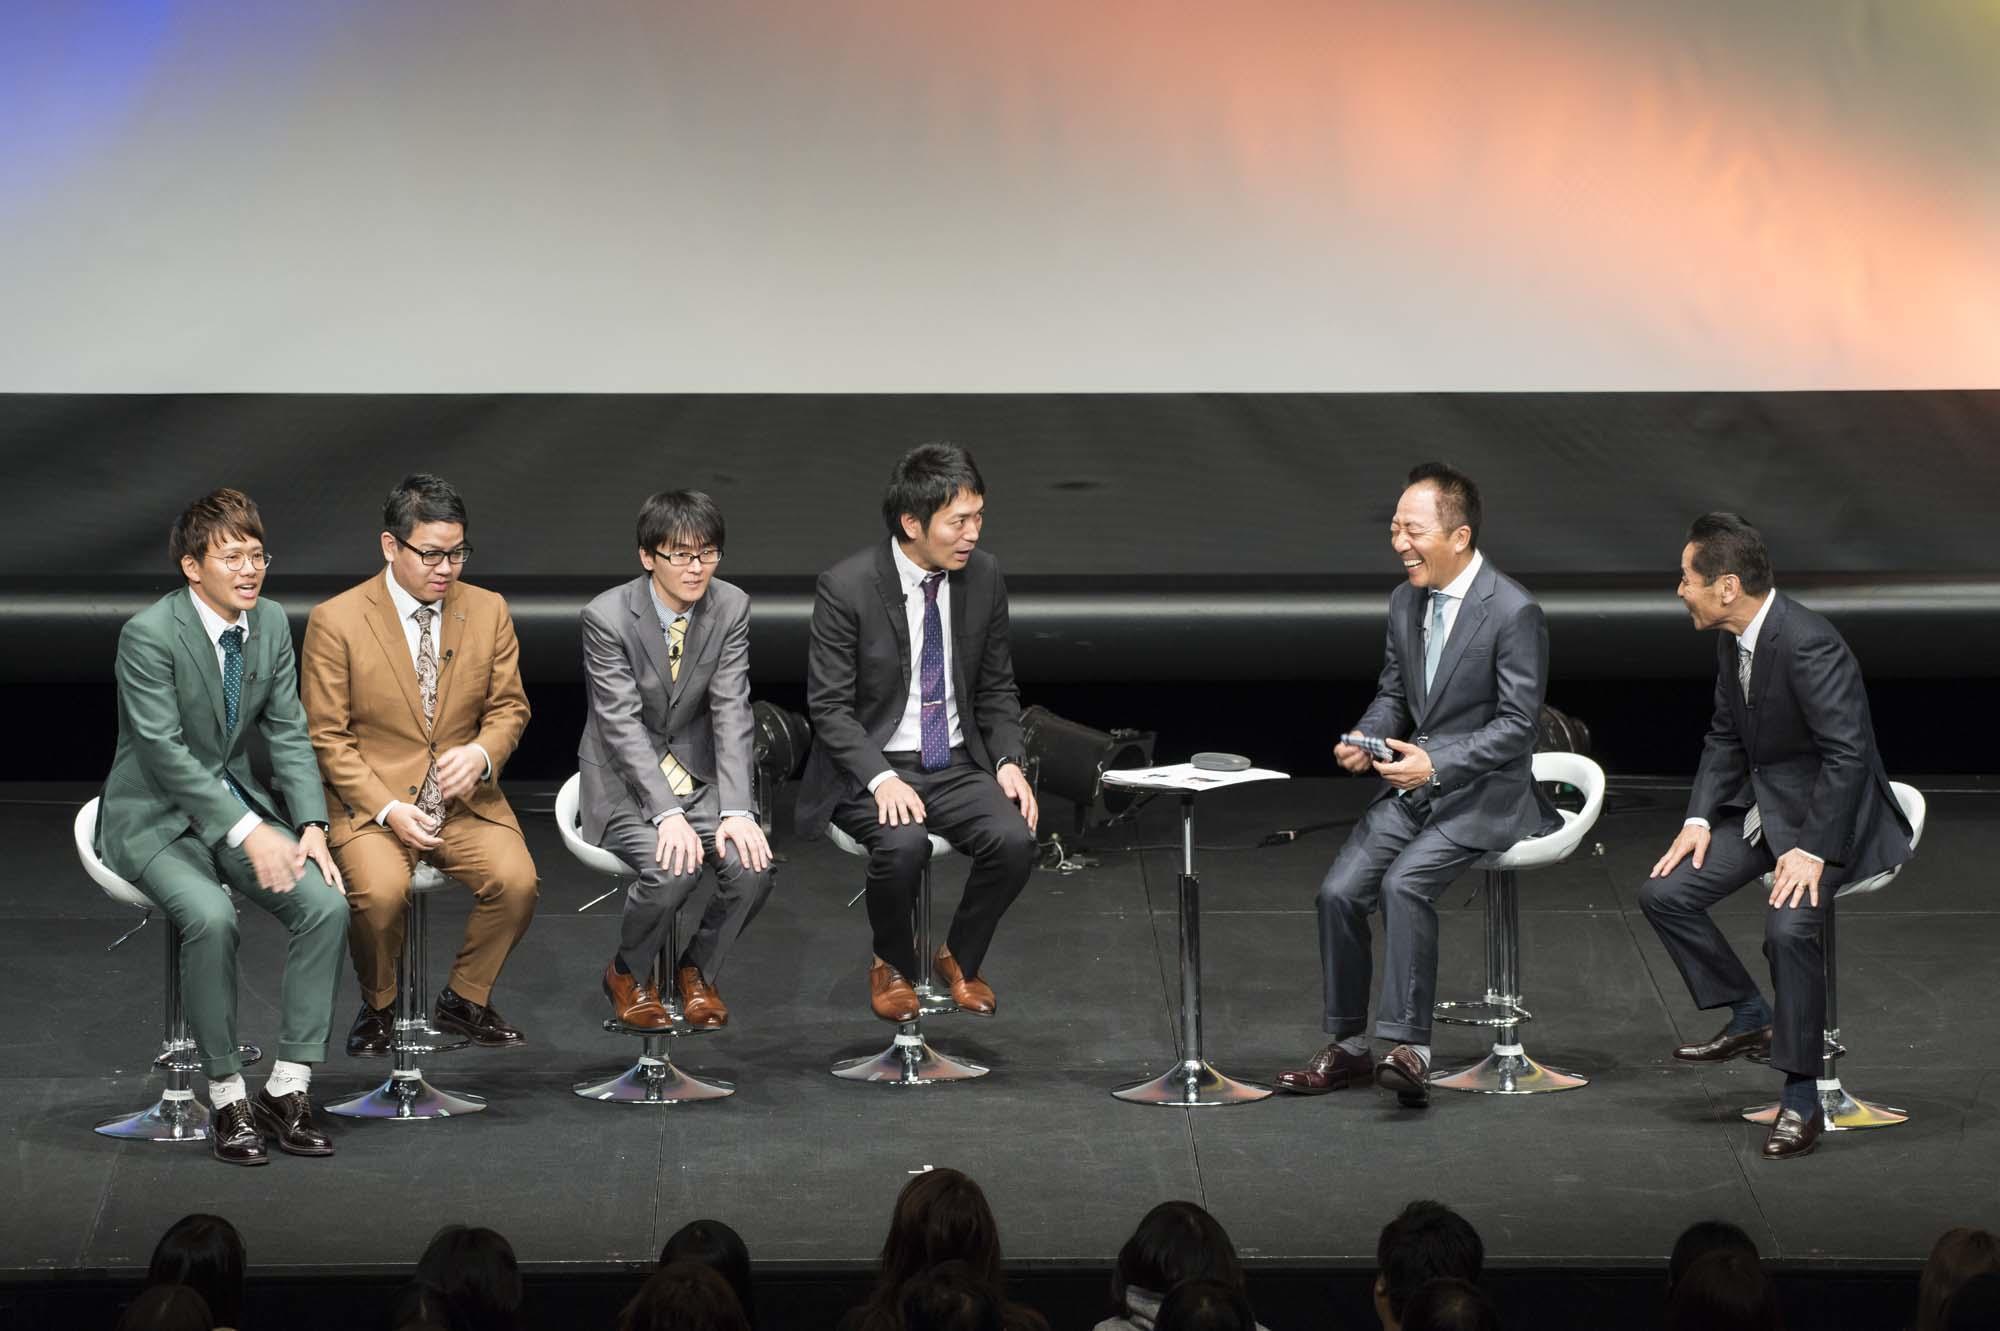 http://news.yoshimoto.co.jp/20171110182701-4bed89ea299becc633b878c97b1c1bd9754a7b9a.jpg